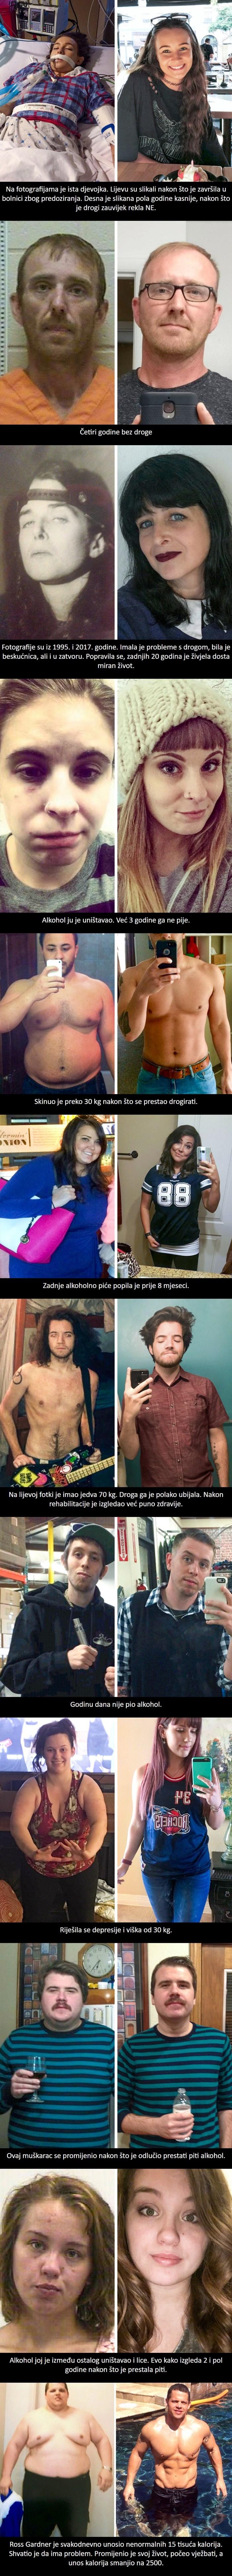 Jedna odluka im je promijenila život: Pogledajte što se dogodilo nakon što su ostavili drogu, alkohol...